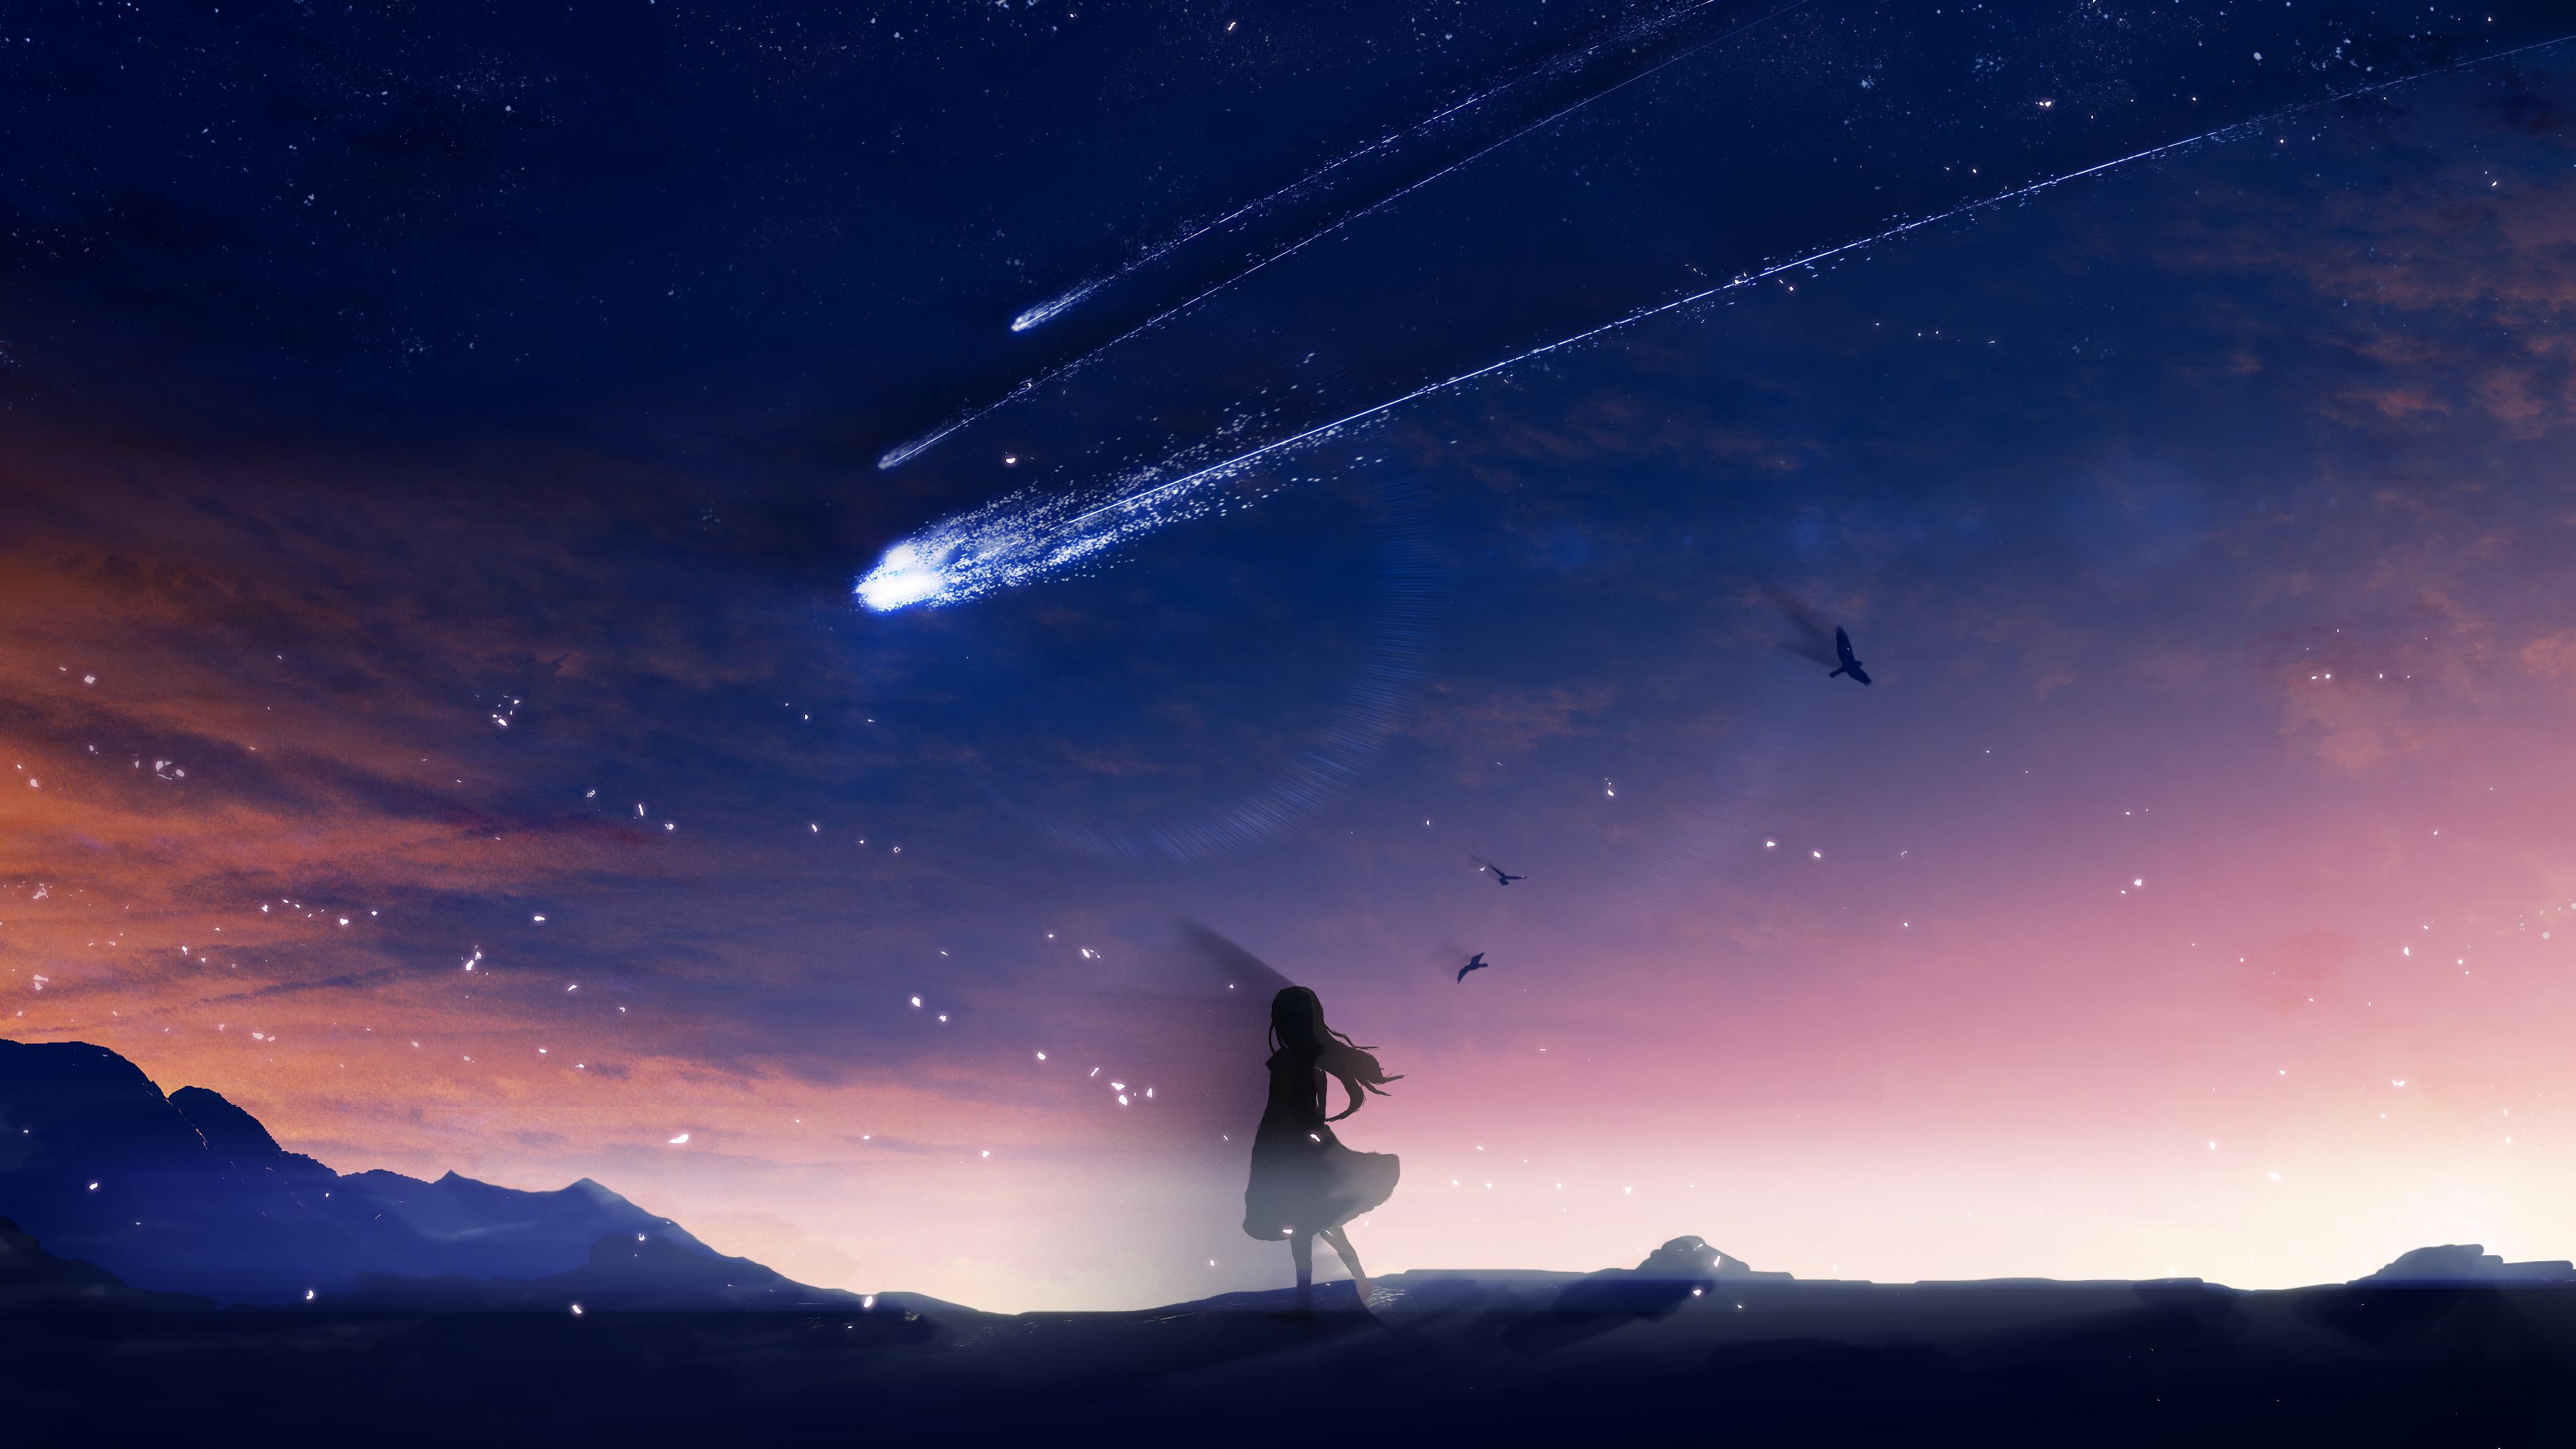 Wallpaper : anime girls, shooting stars